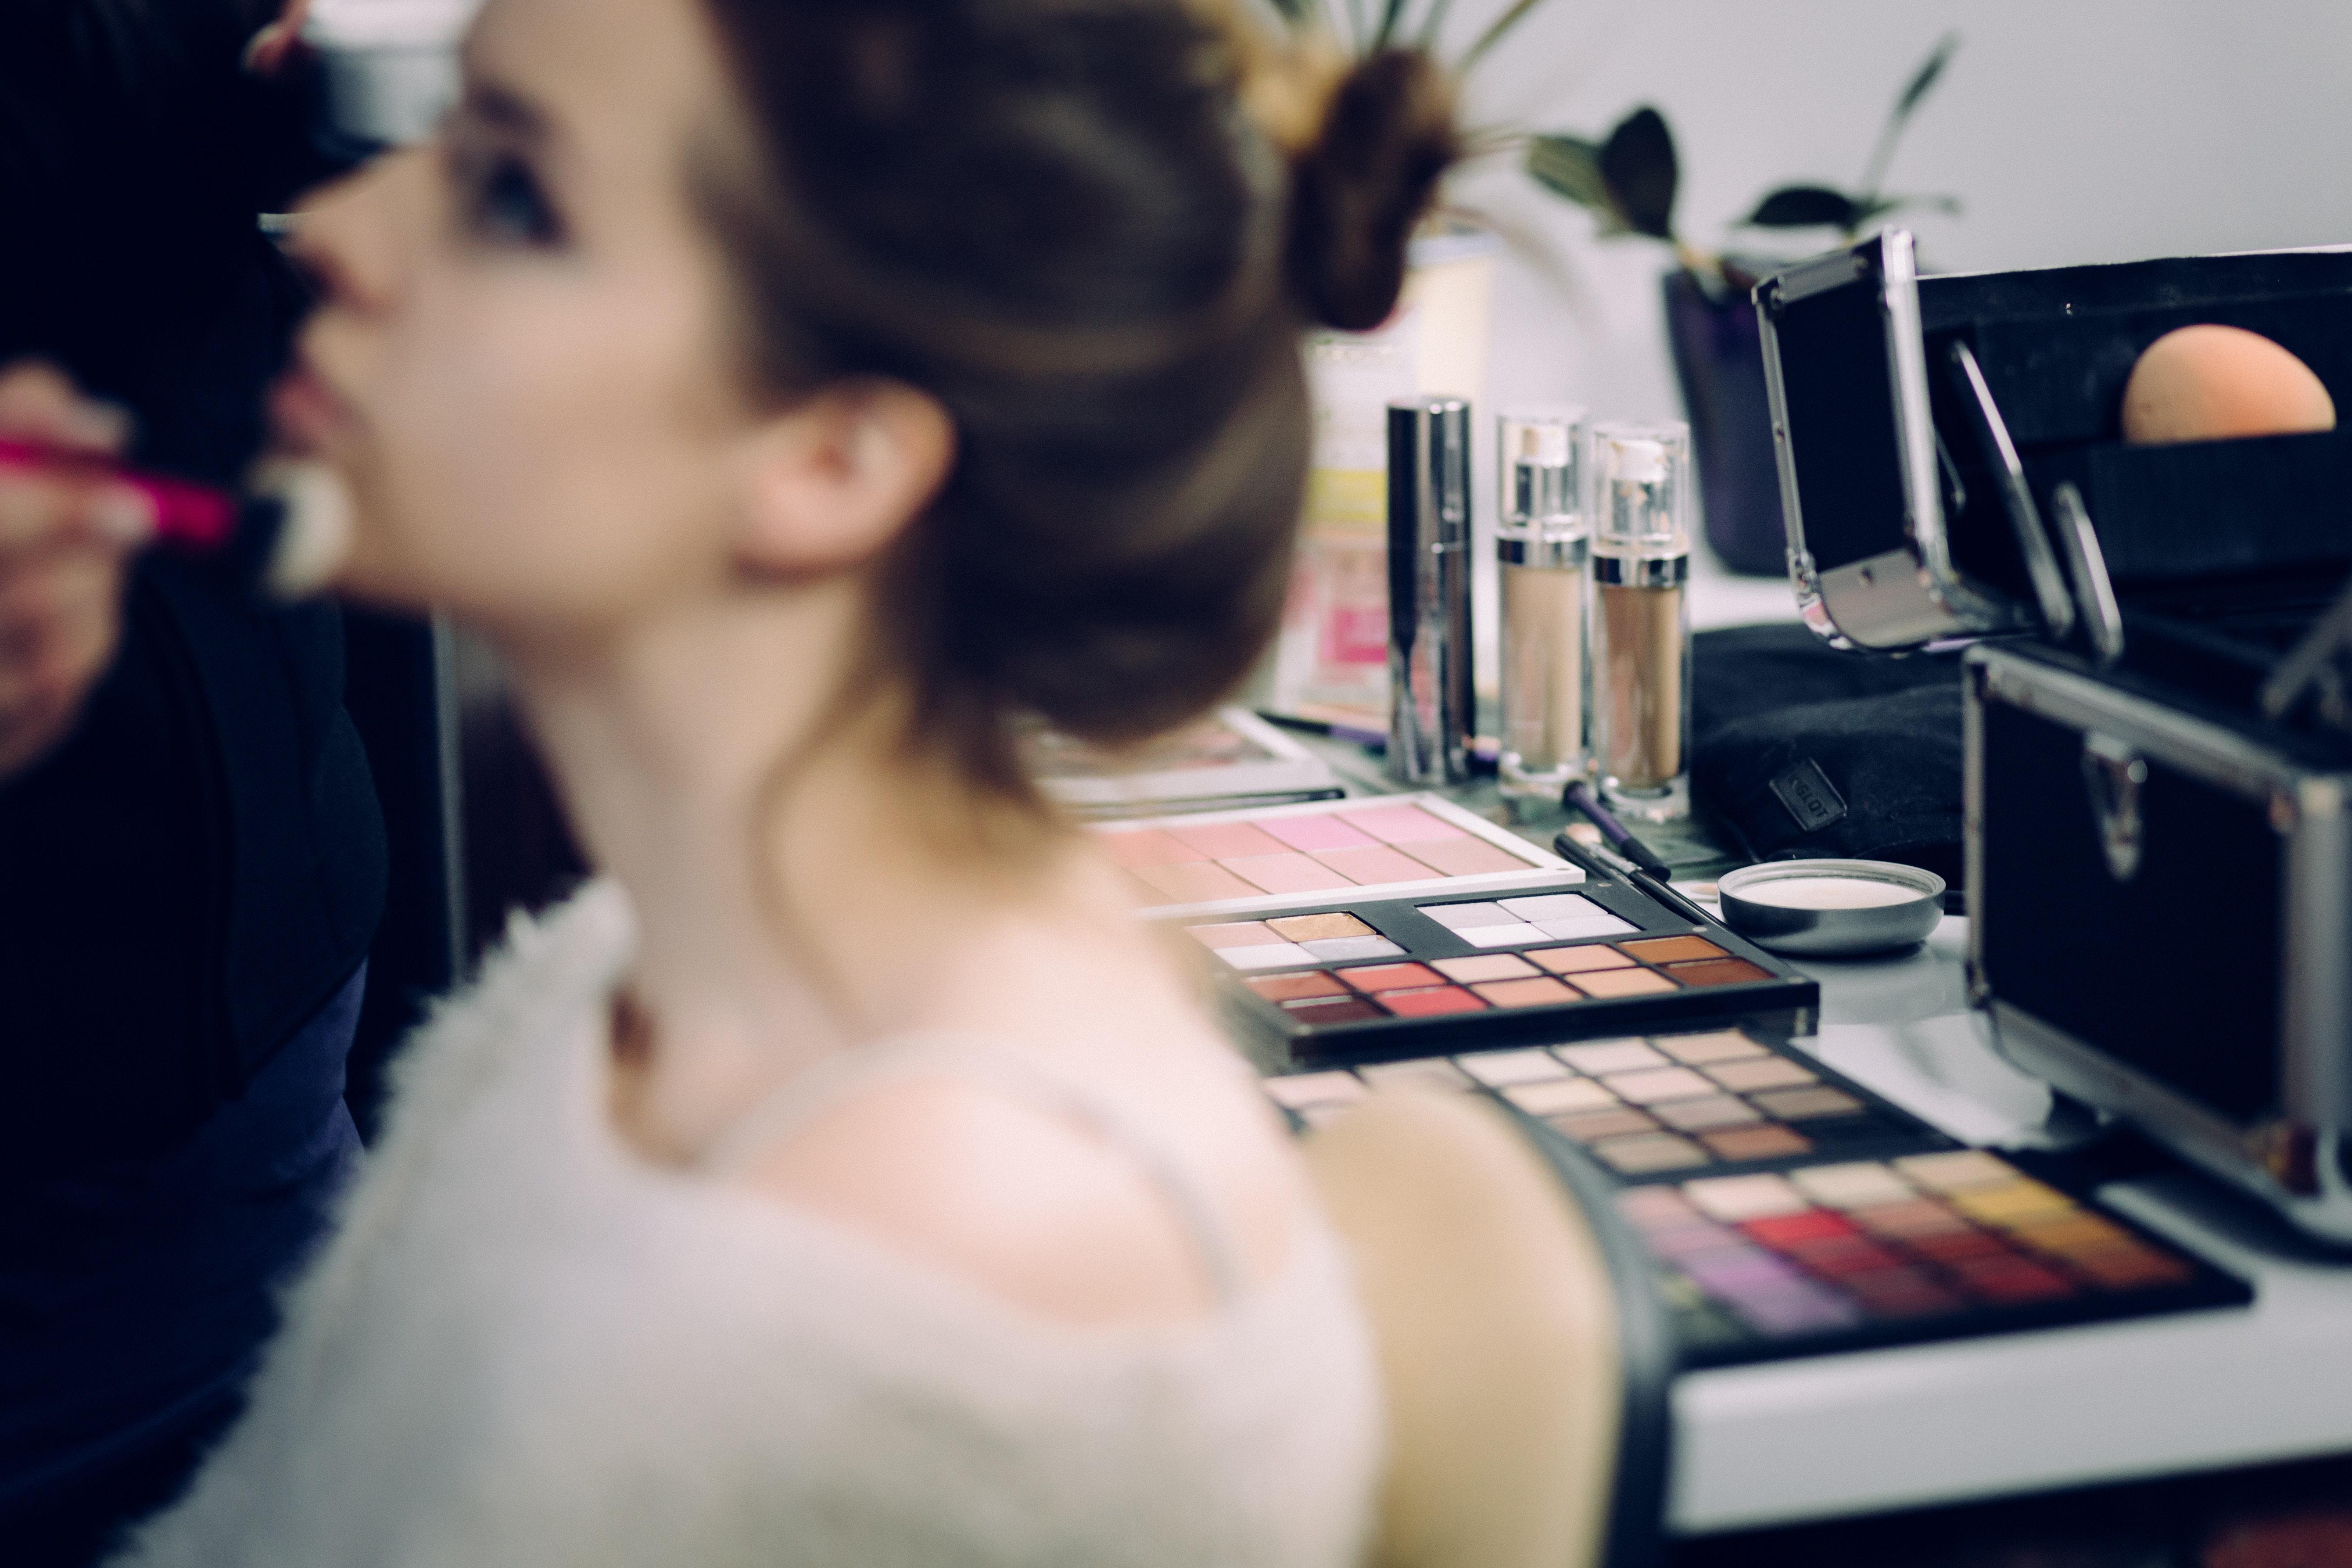 Aký je váš typ pleti? Rozhovor s makeup artistkou Sabinou Tomes